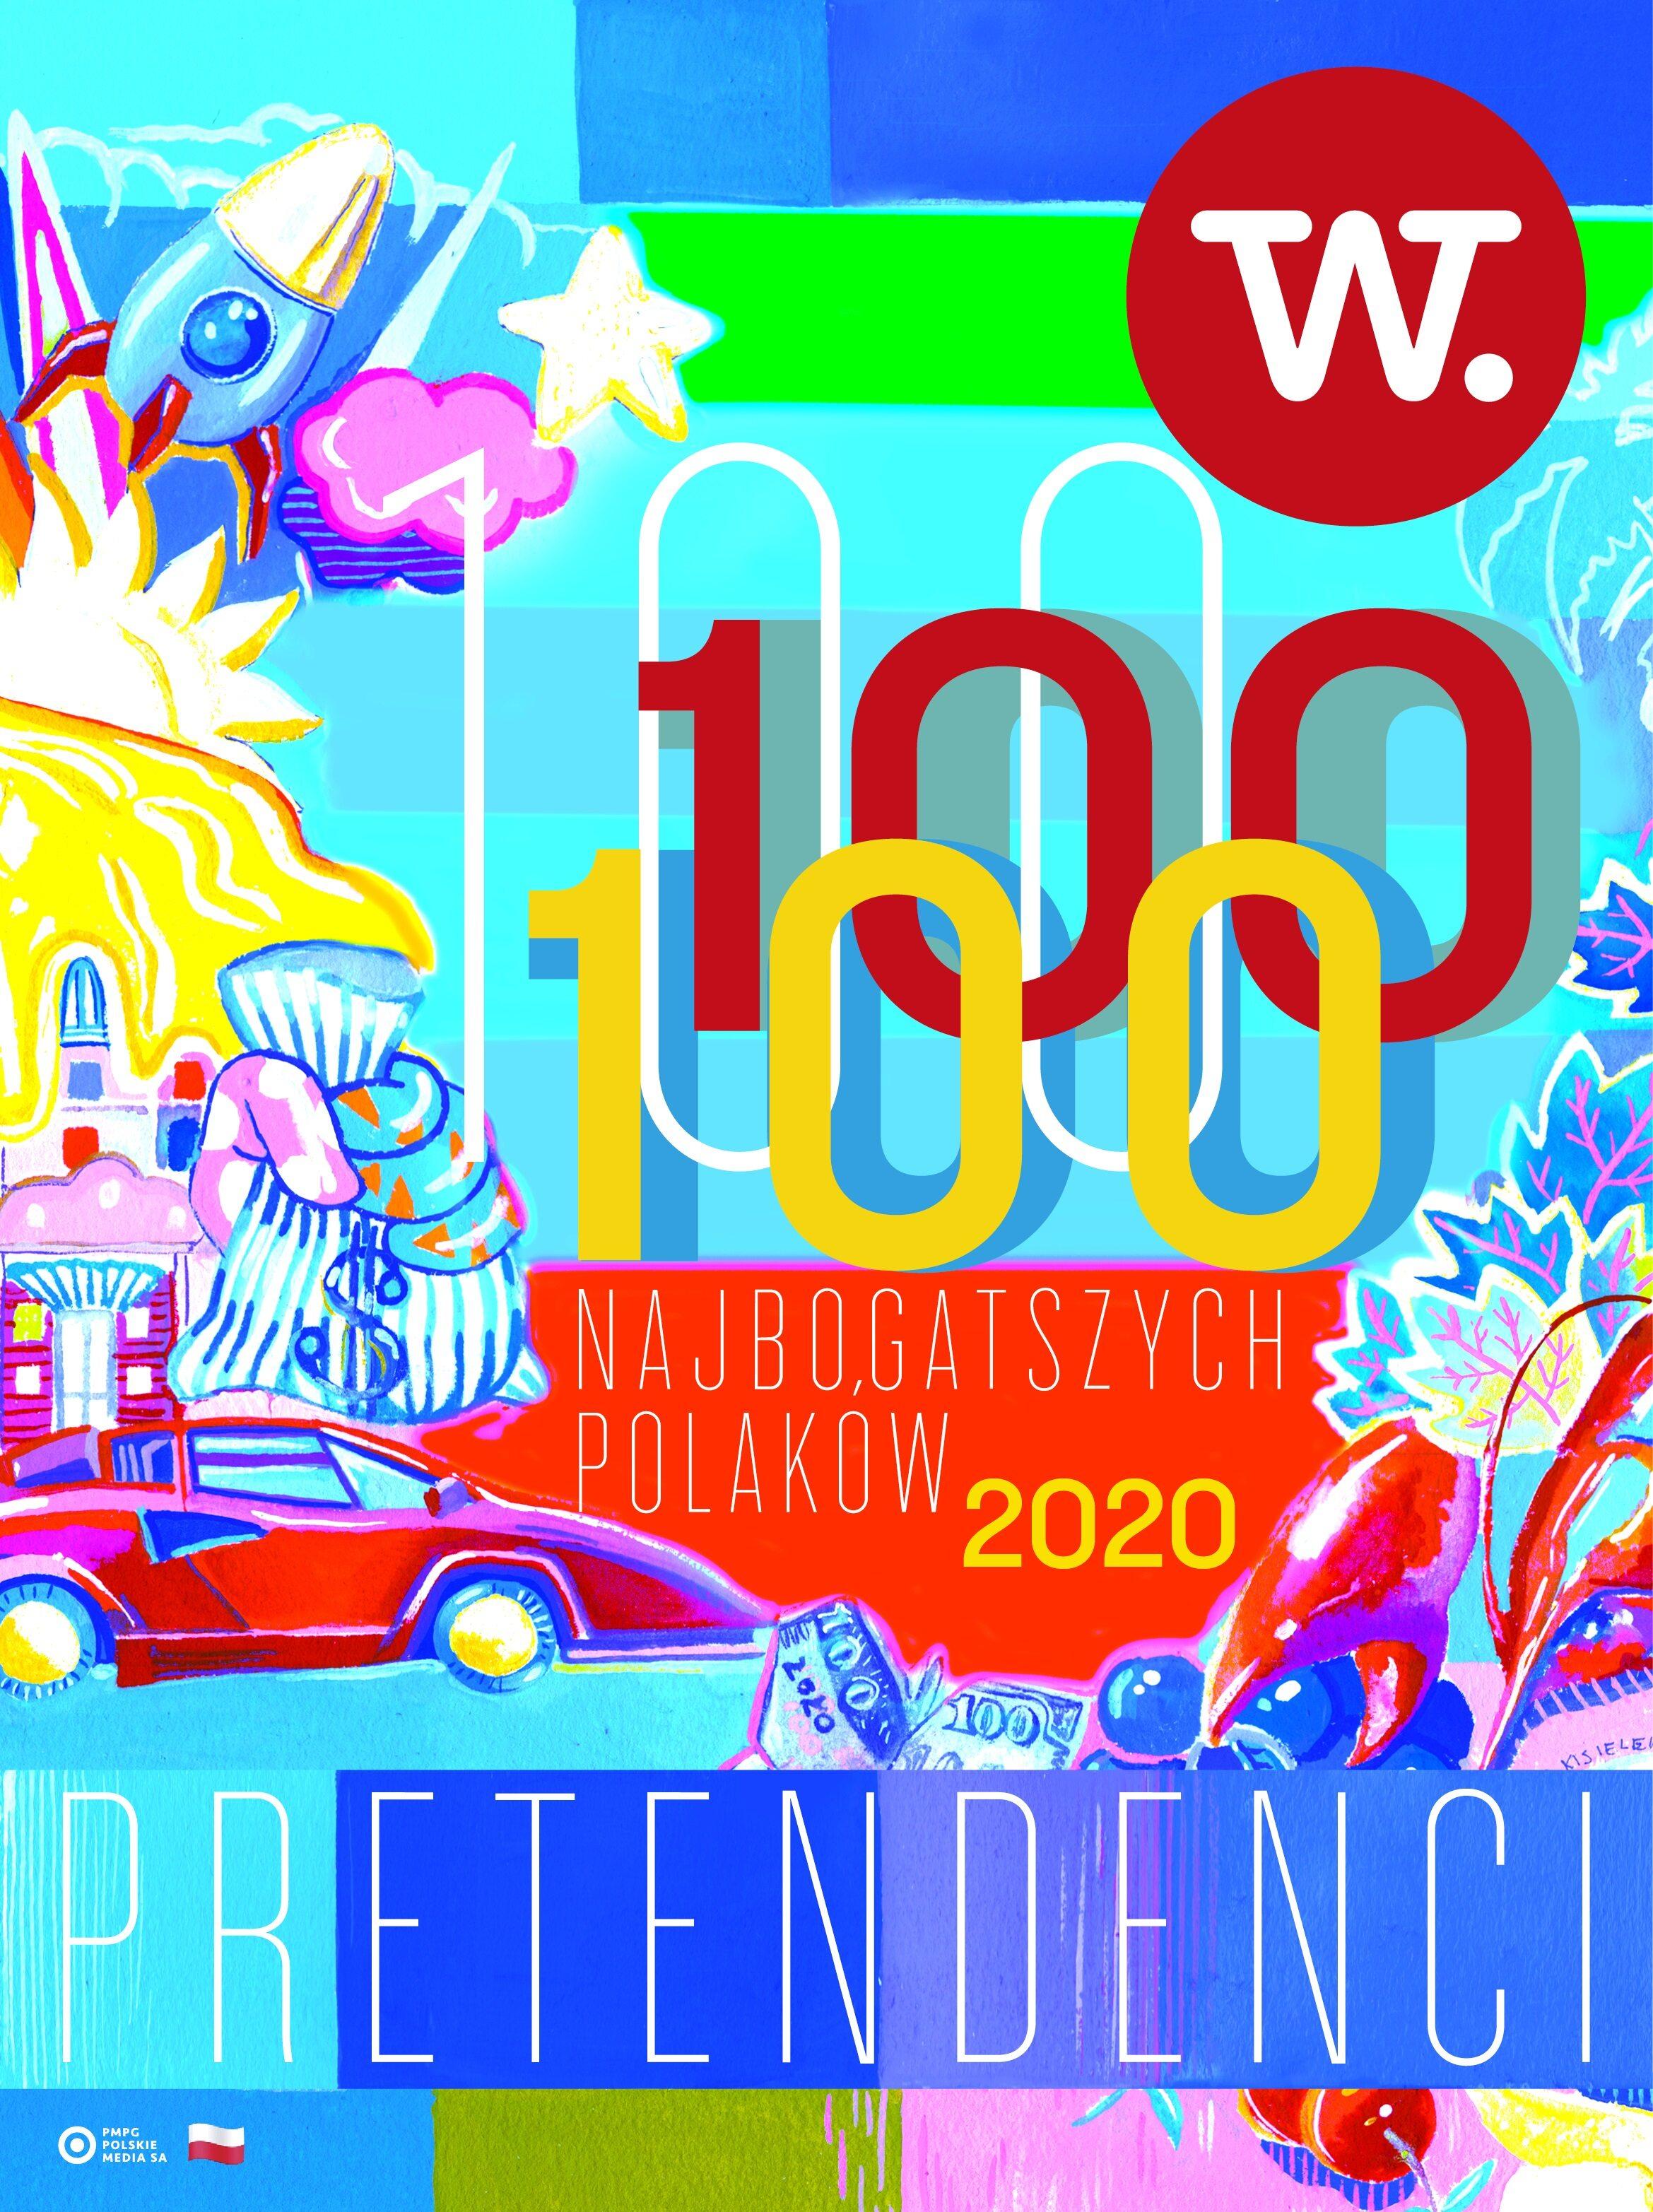 Lista 100 najbogatszych Polaków 2020: Pretendenci